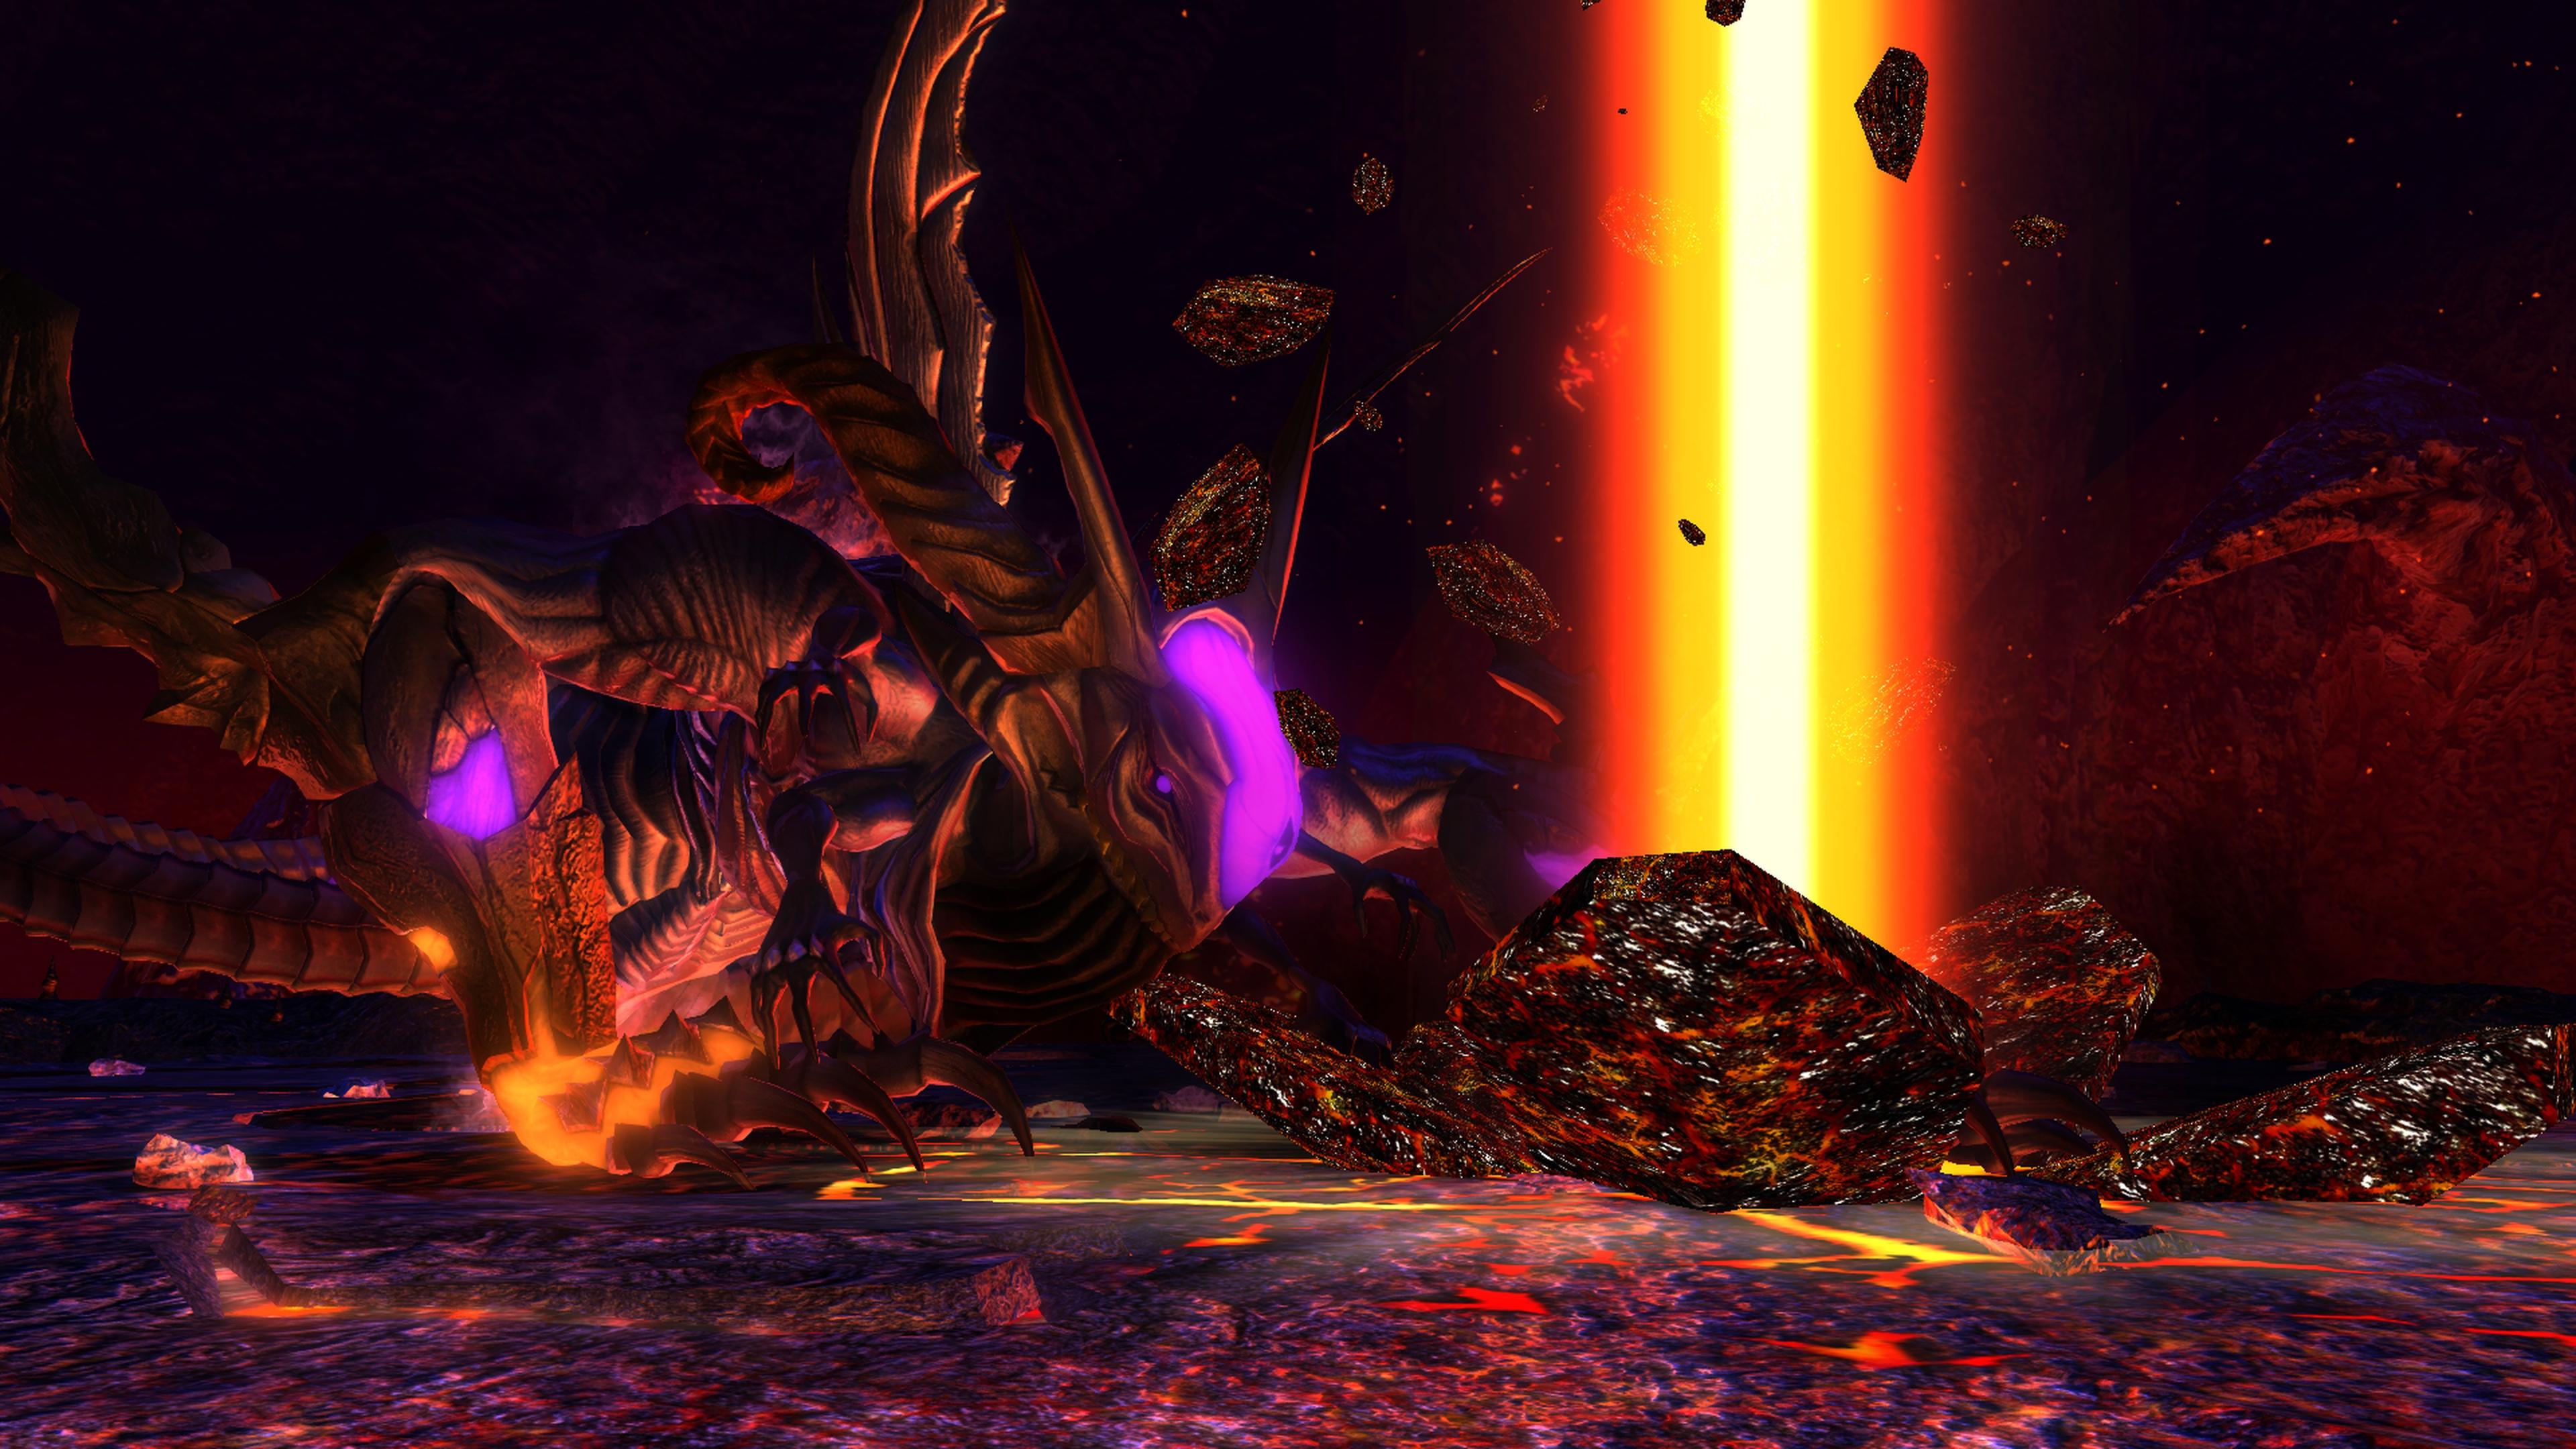 V květnu čeká Sword Art Online: Hollow Realization první příběhové rozšíření 142739